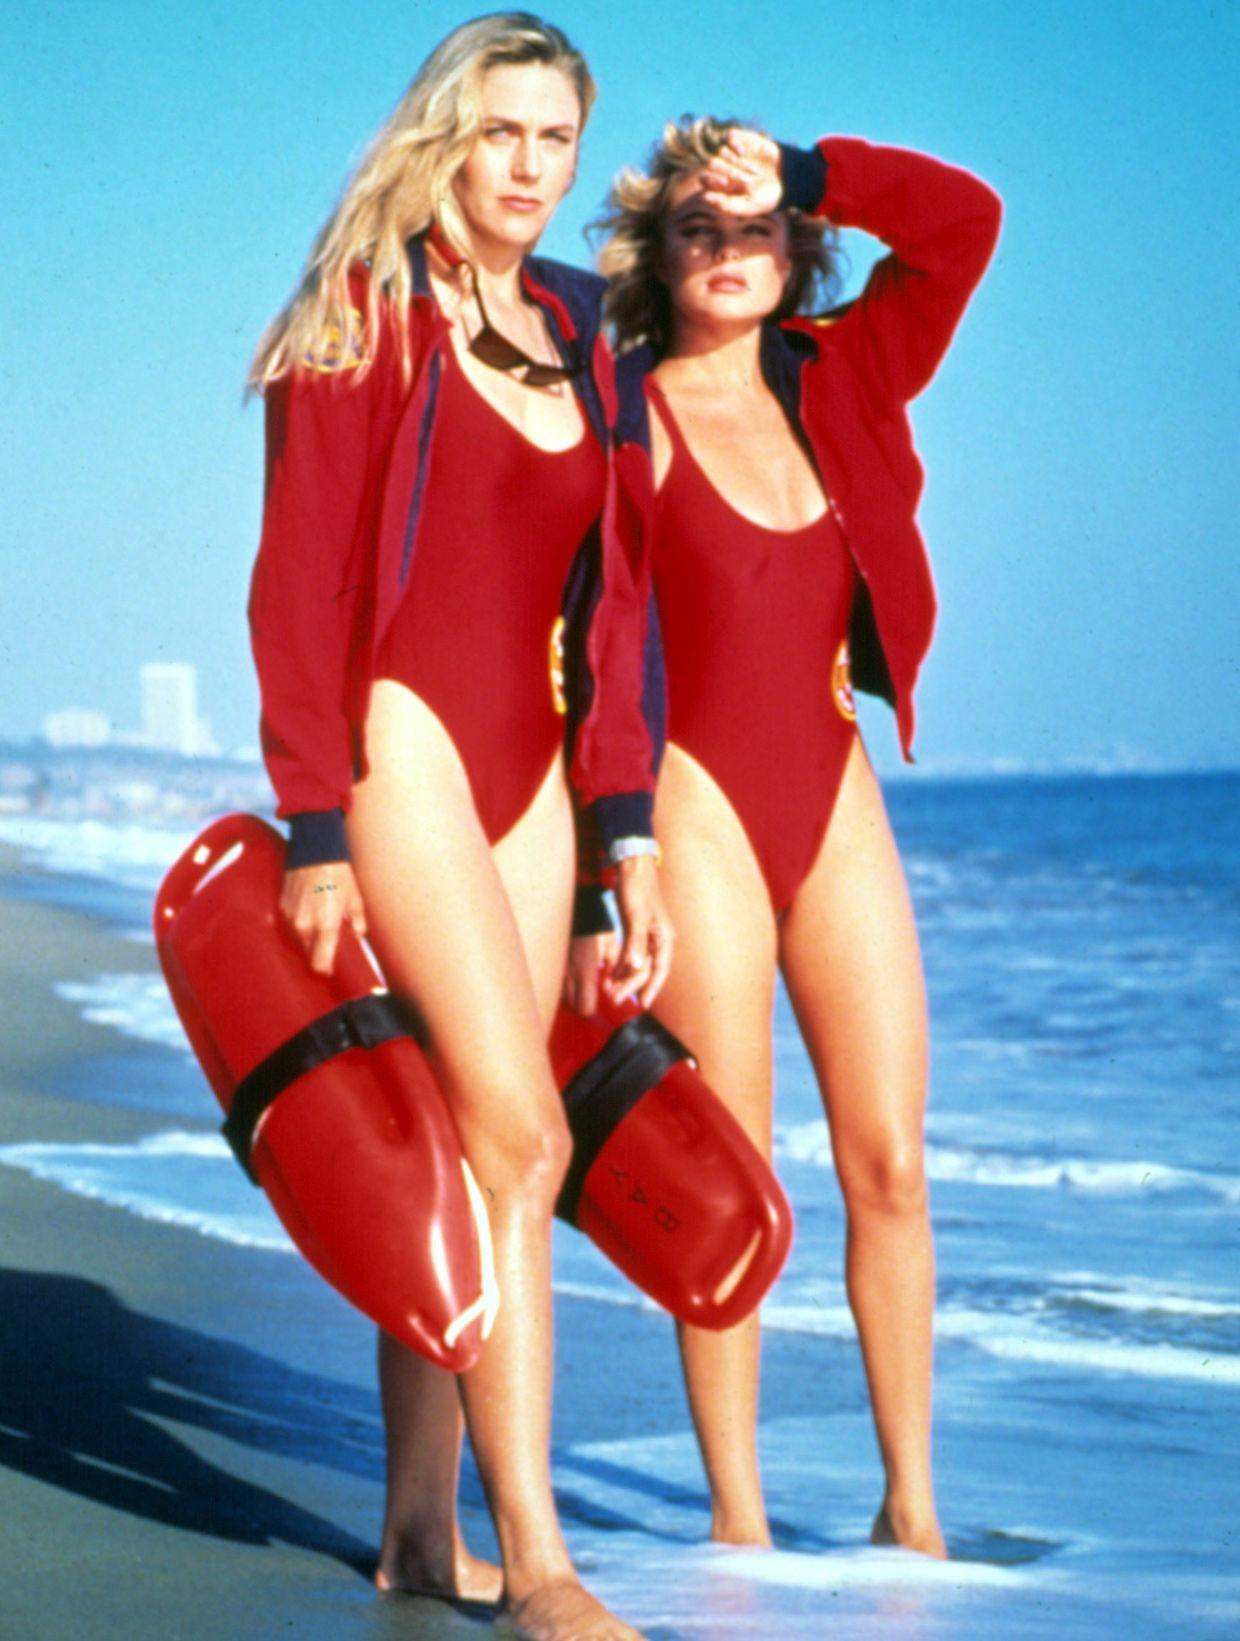 Sandy Glodowski Bikini Attorney